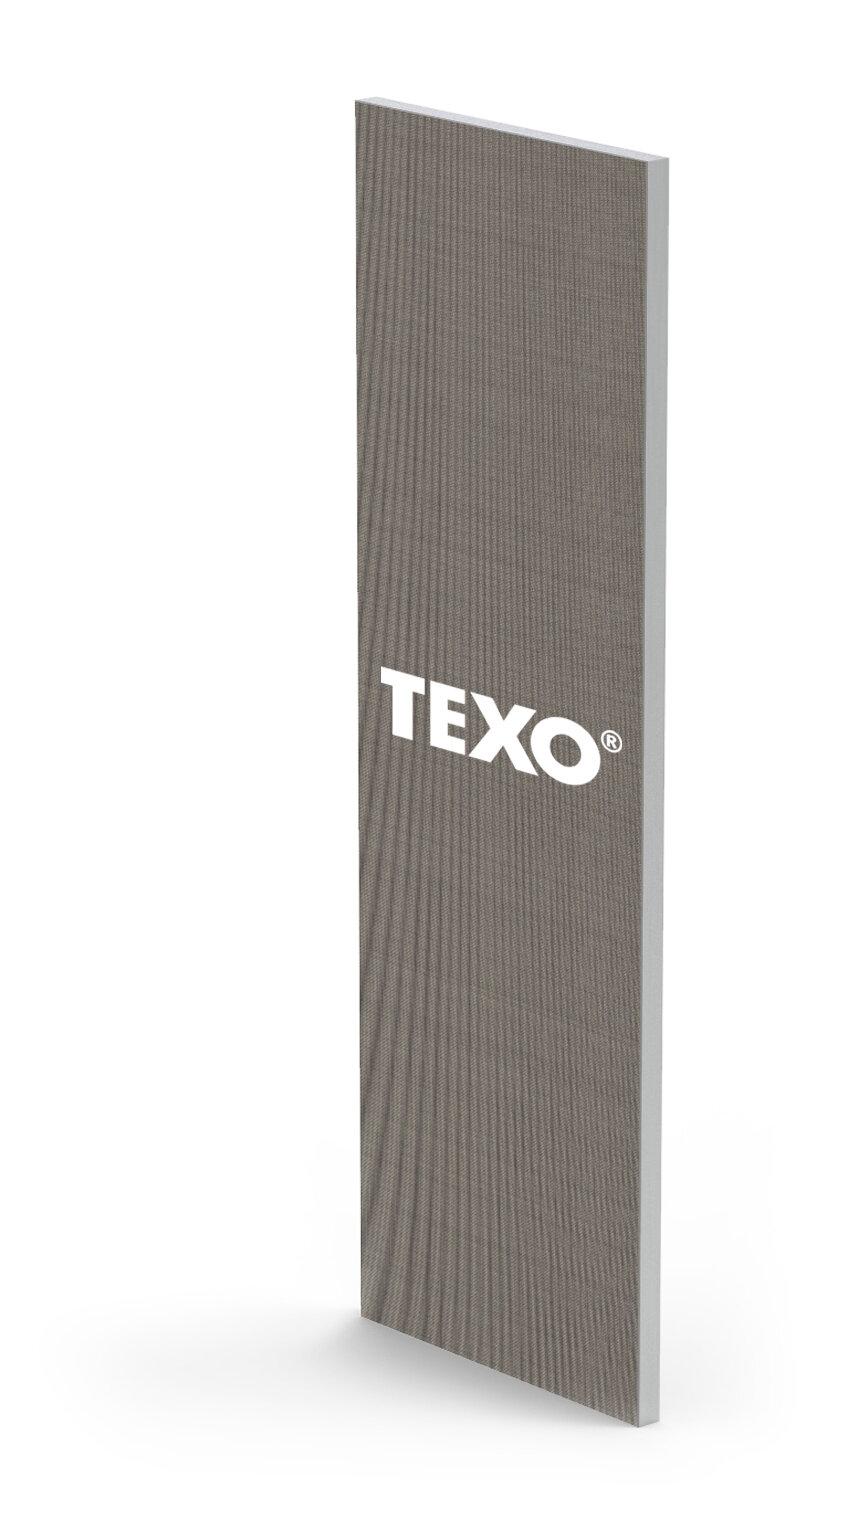 Texo.30.jpg